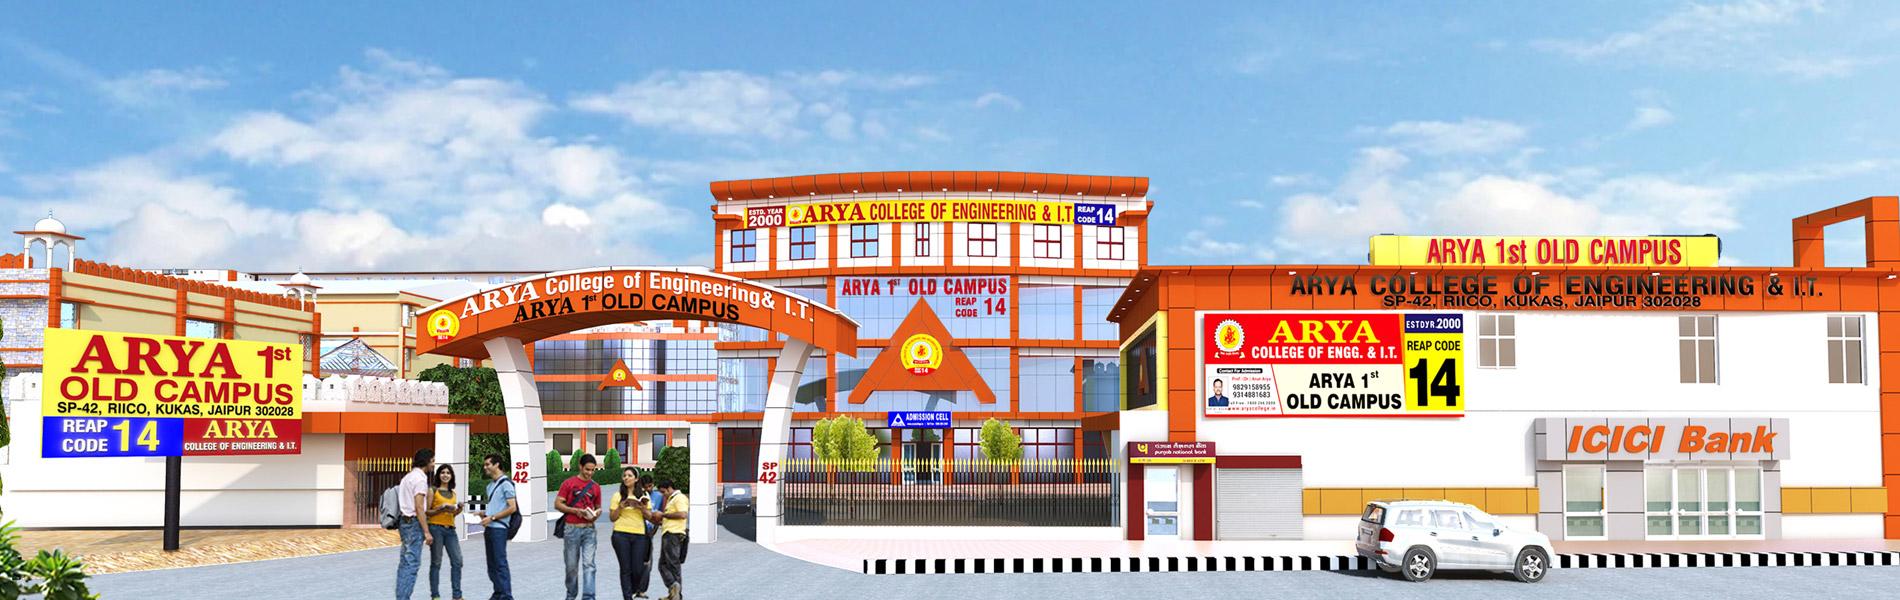 Campus of Arya College Jaipur